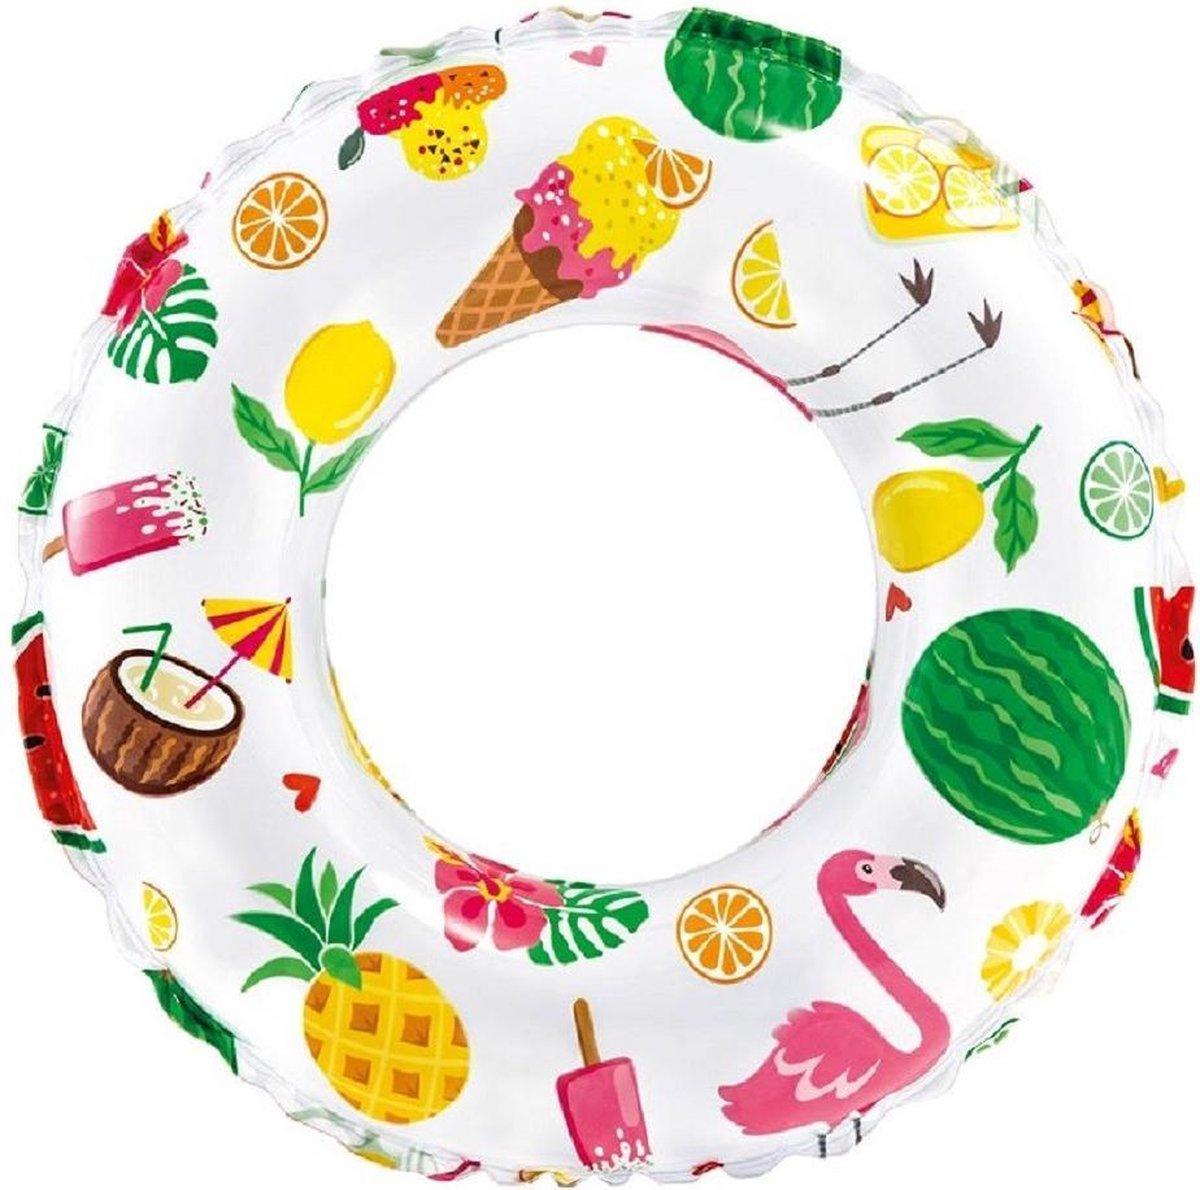 Opblaasbare transparante zwemband tropisch 51 cm - Zwembenodigdheden - Zwemringen - Tropisch thema - Tropische print zwembanden voor kinderen